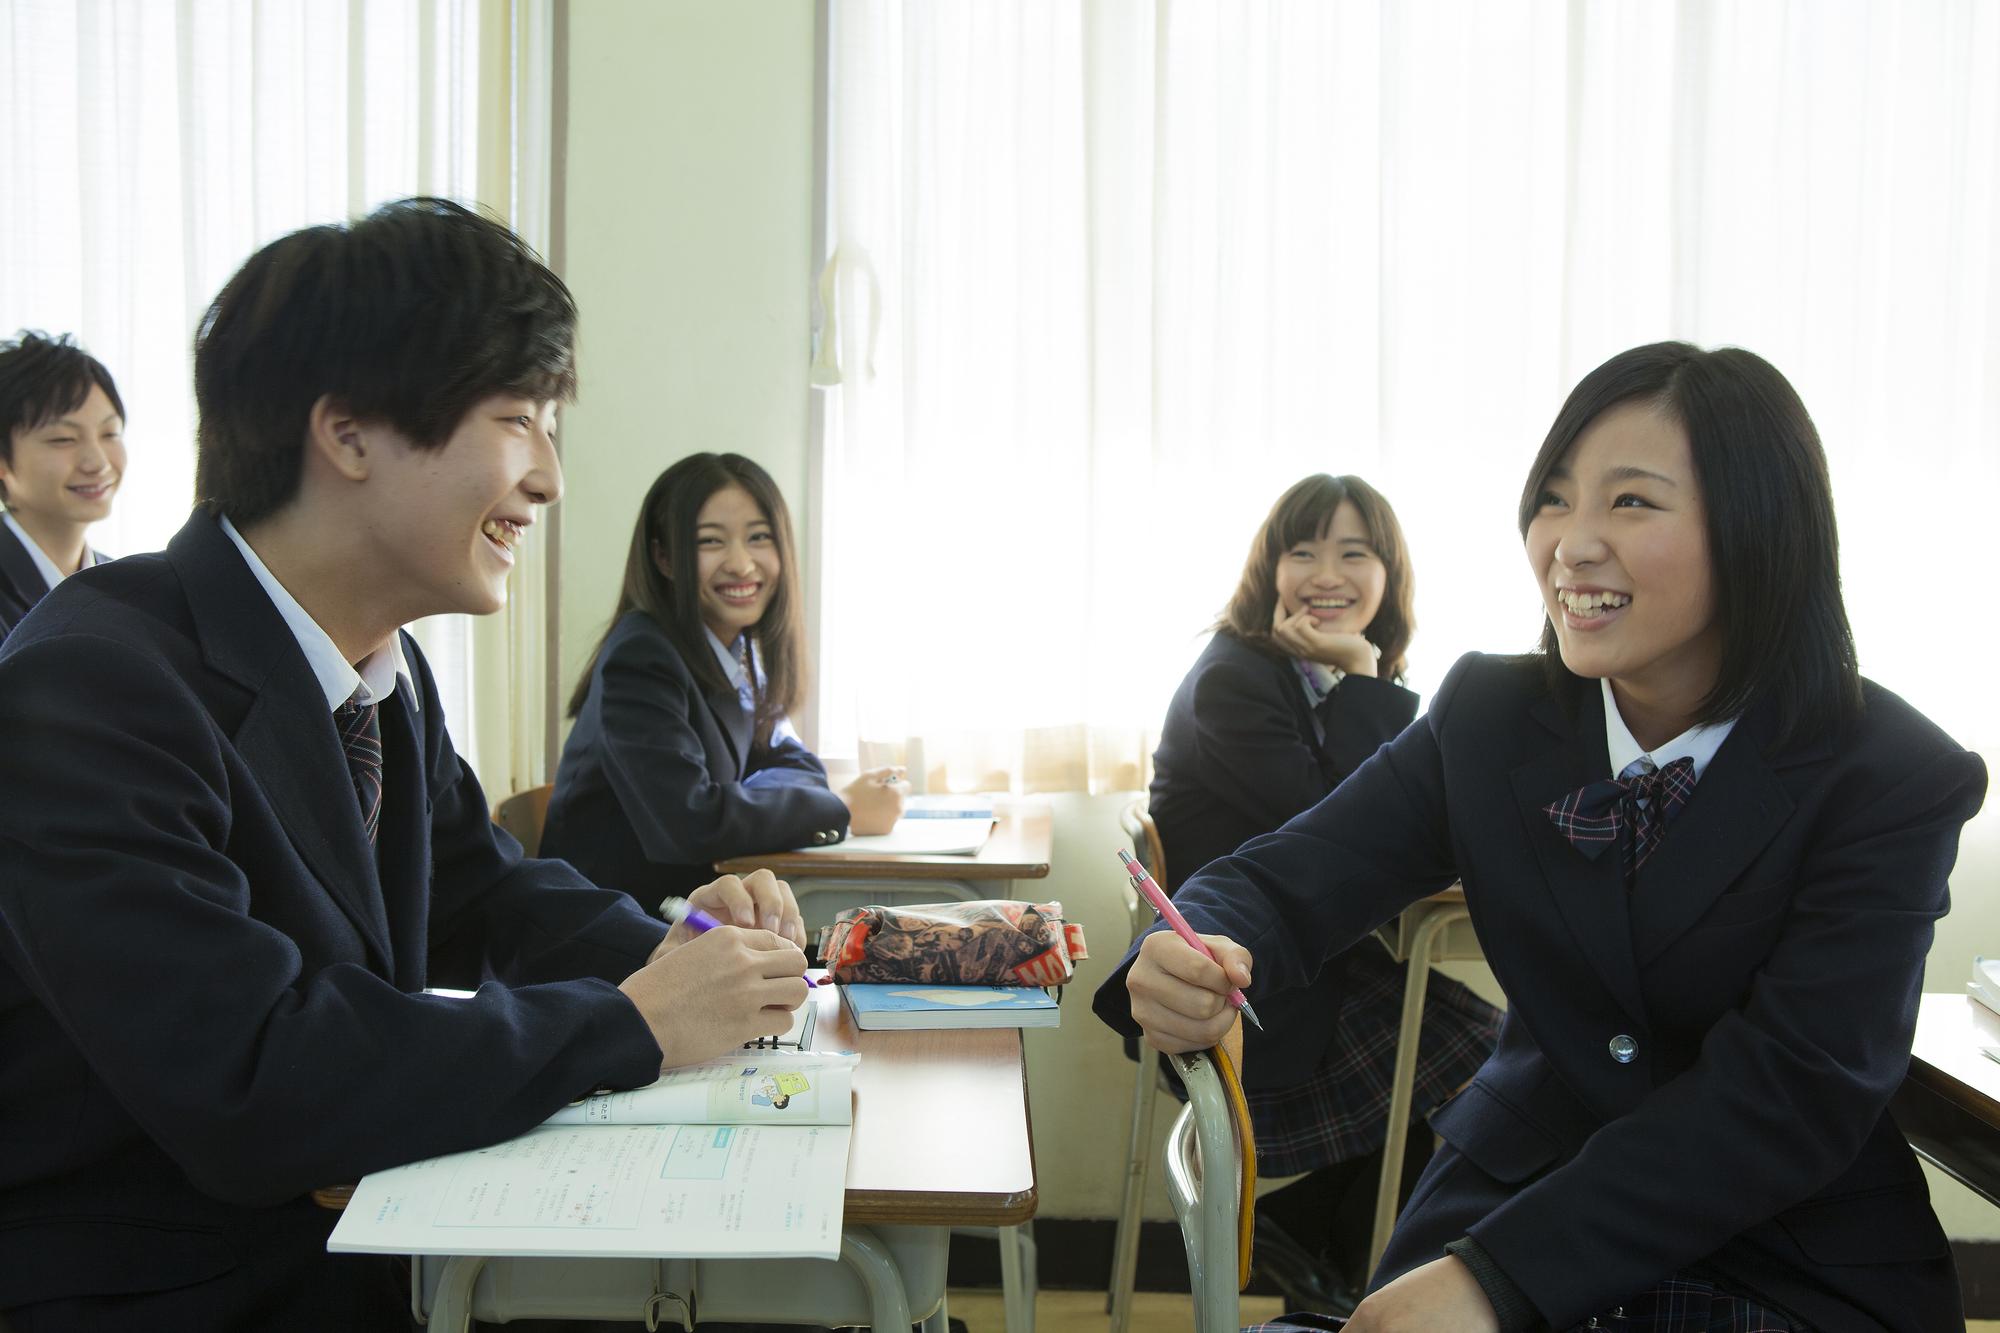 グループ学習をする高校生たち